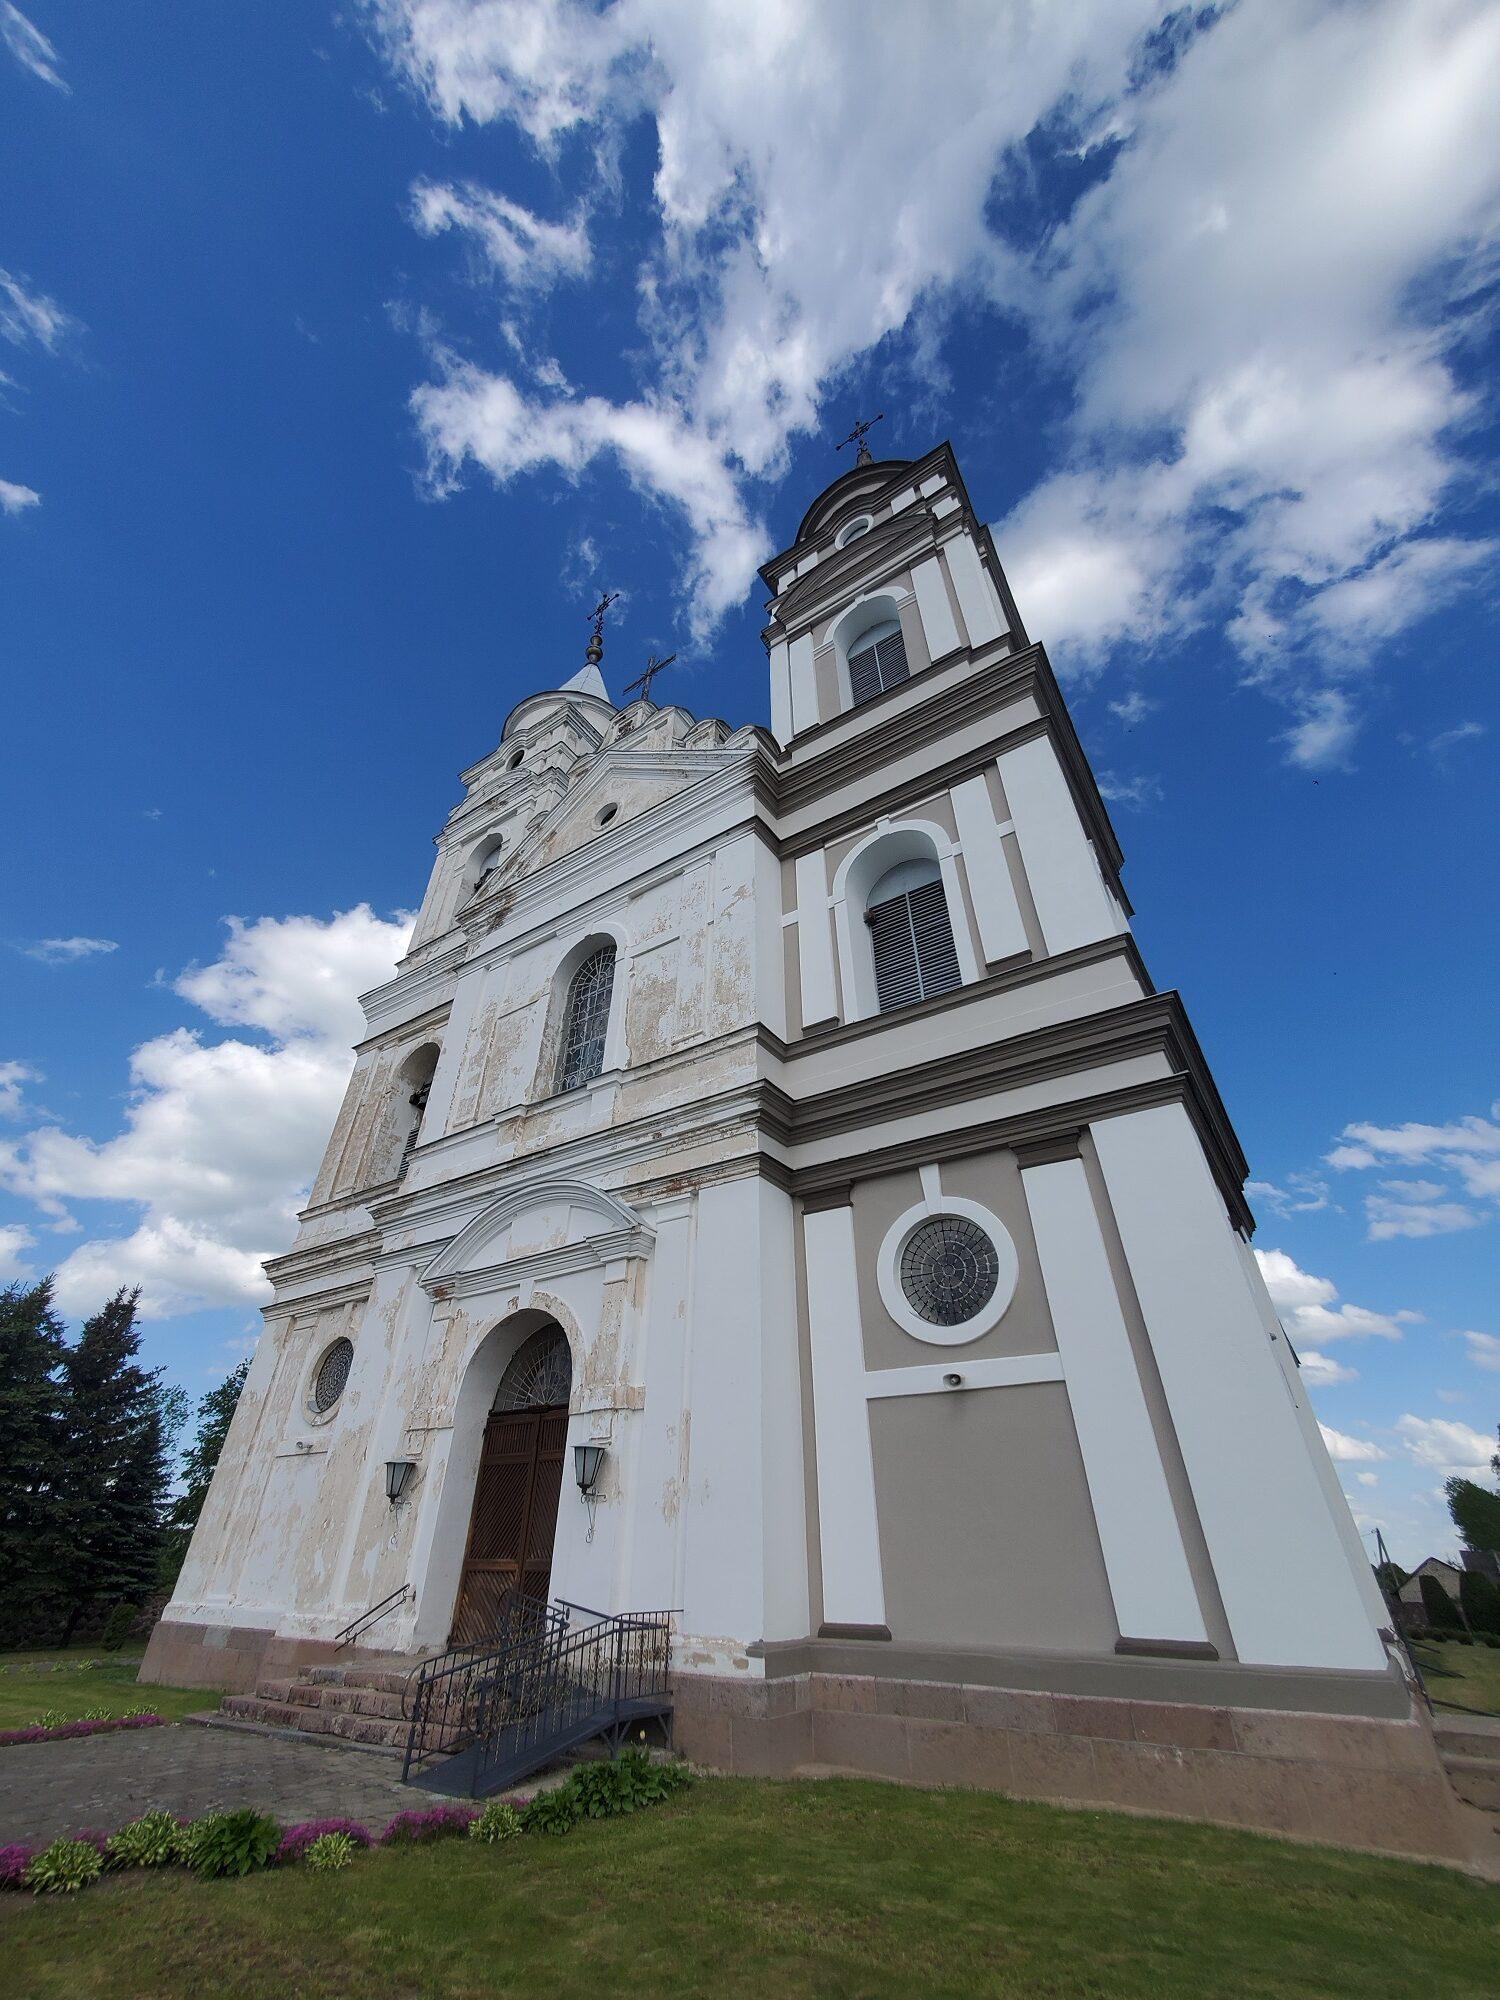 20200606 165243 rotated - Костел Пресвятой Девы Марии в деревне Парафьяново